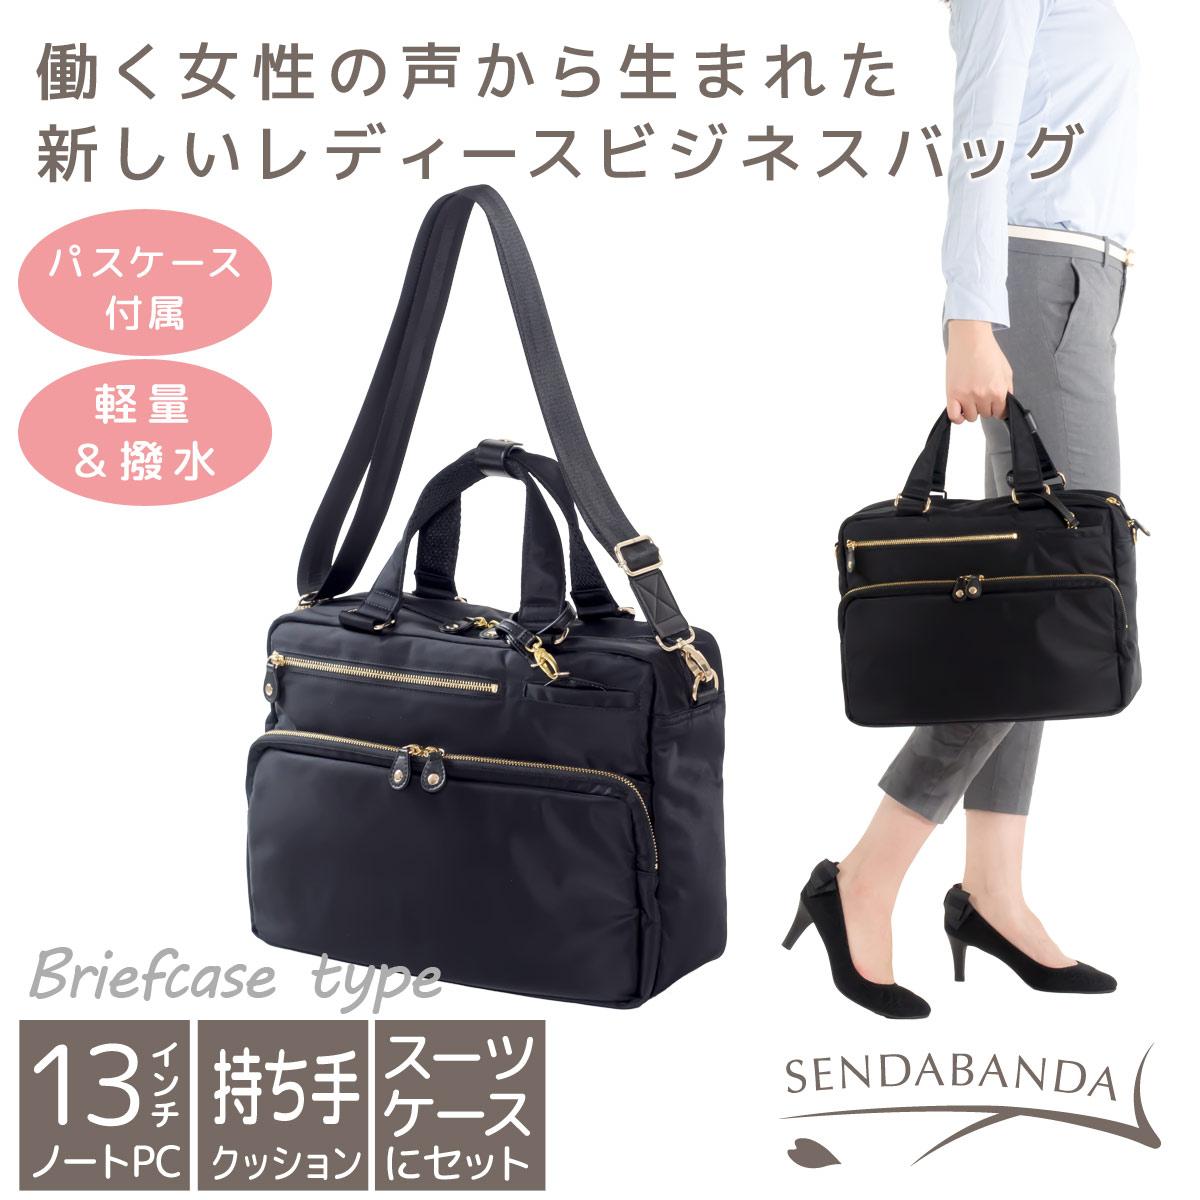 ビジネス2WAYスマートSブリーフ 驚く軽さ&クッション性の高い持ち手で通勤の負担を軽減 重たいバッグとさよなら LS-04